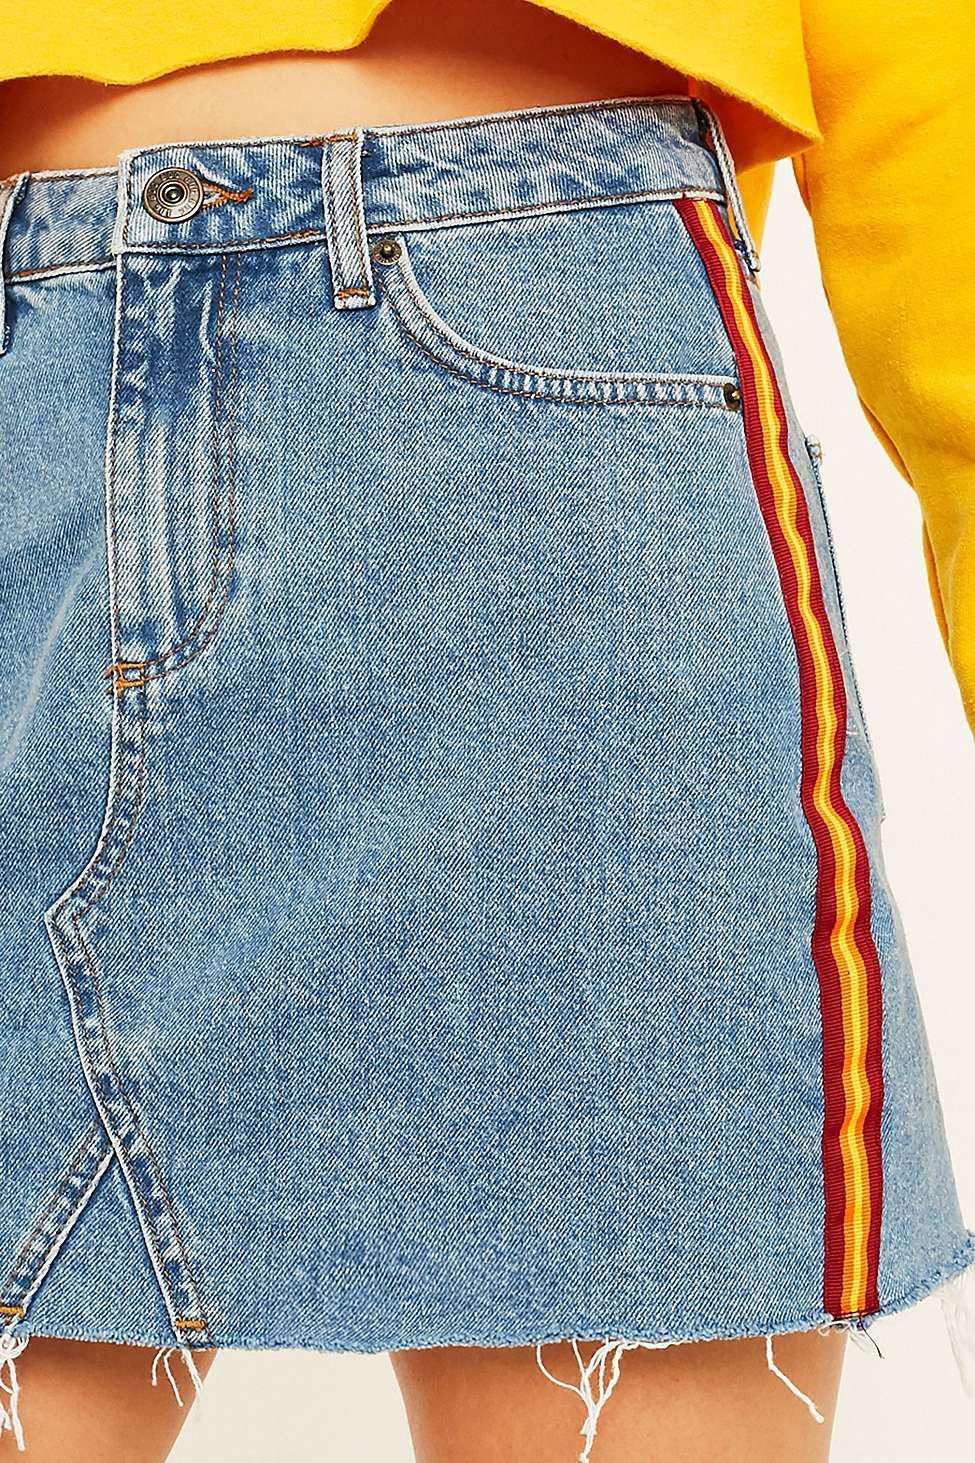 9b43e4e82b BDG Blue Vintage Side Stripe Denim Skirt - Womens S in Blue - Lyst